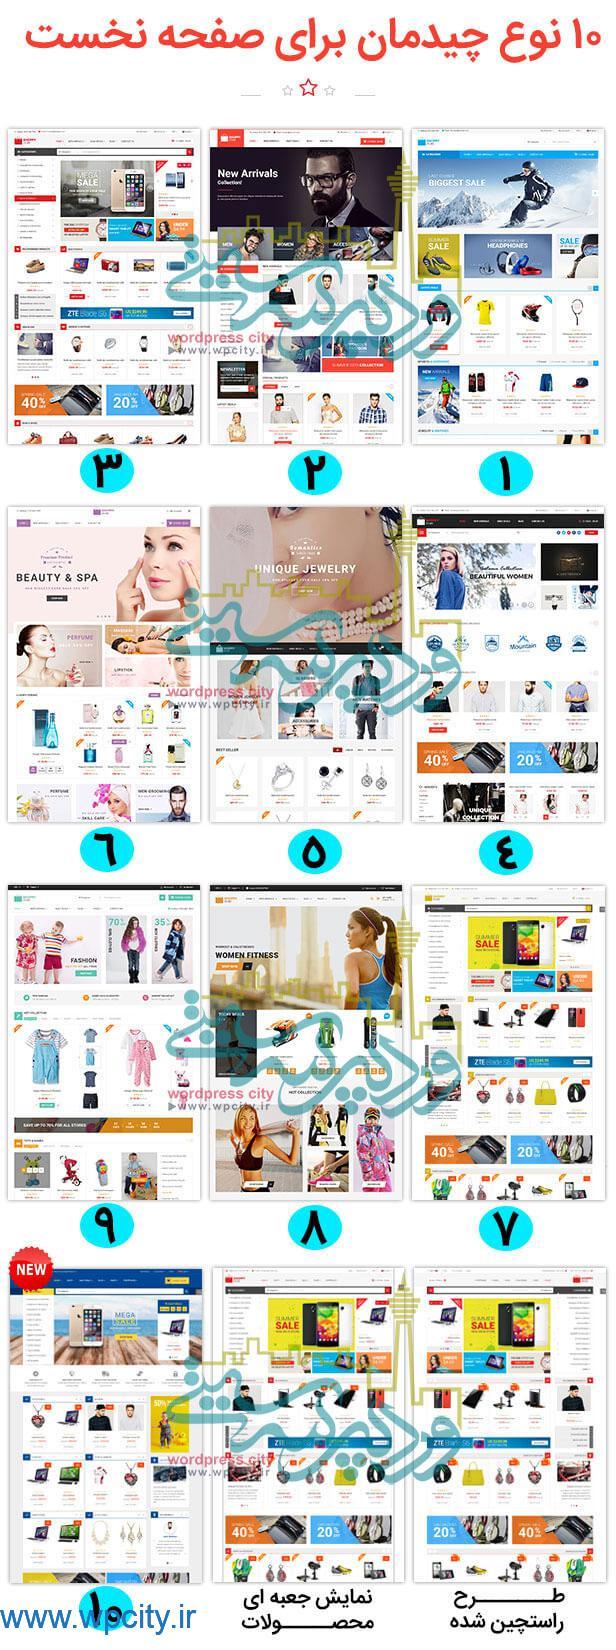 قالب فروشگاهی ShoppyStore